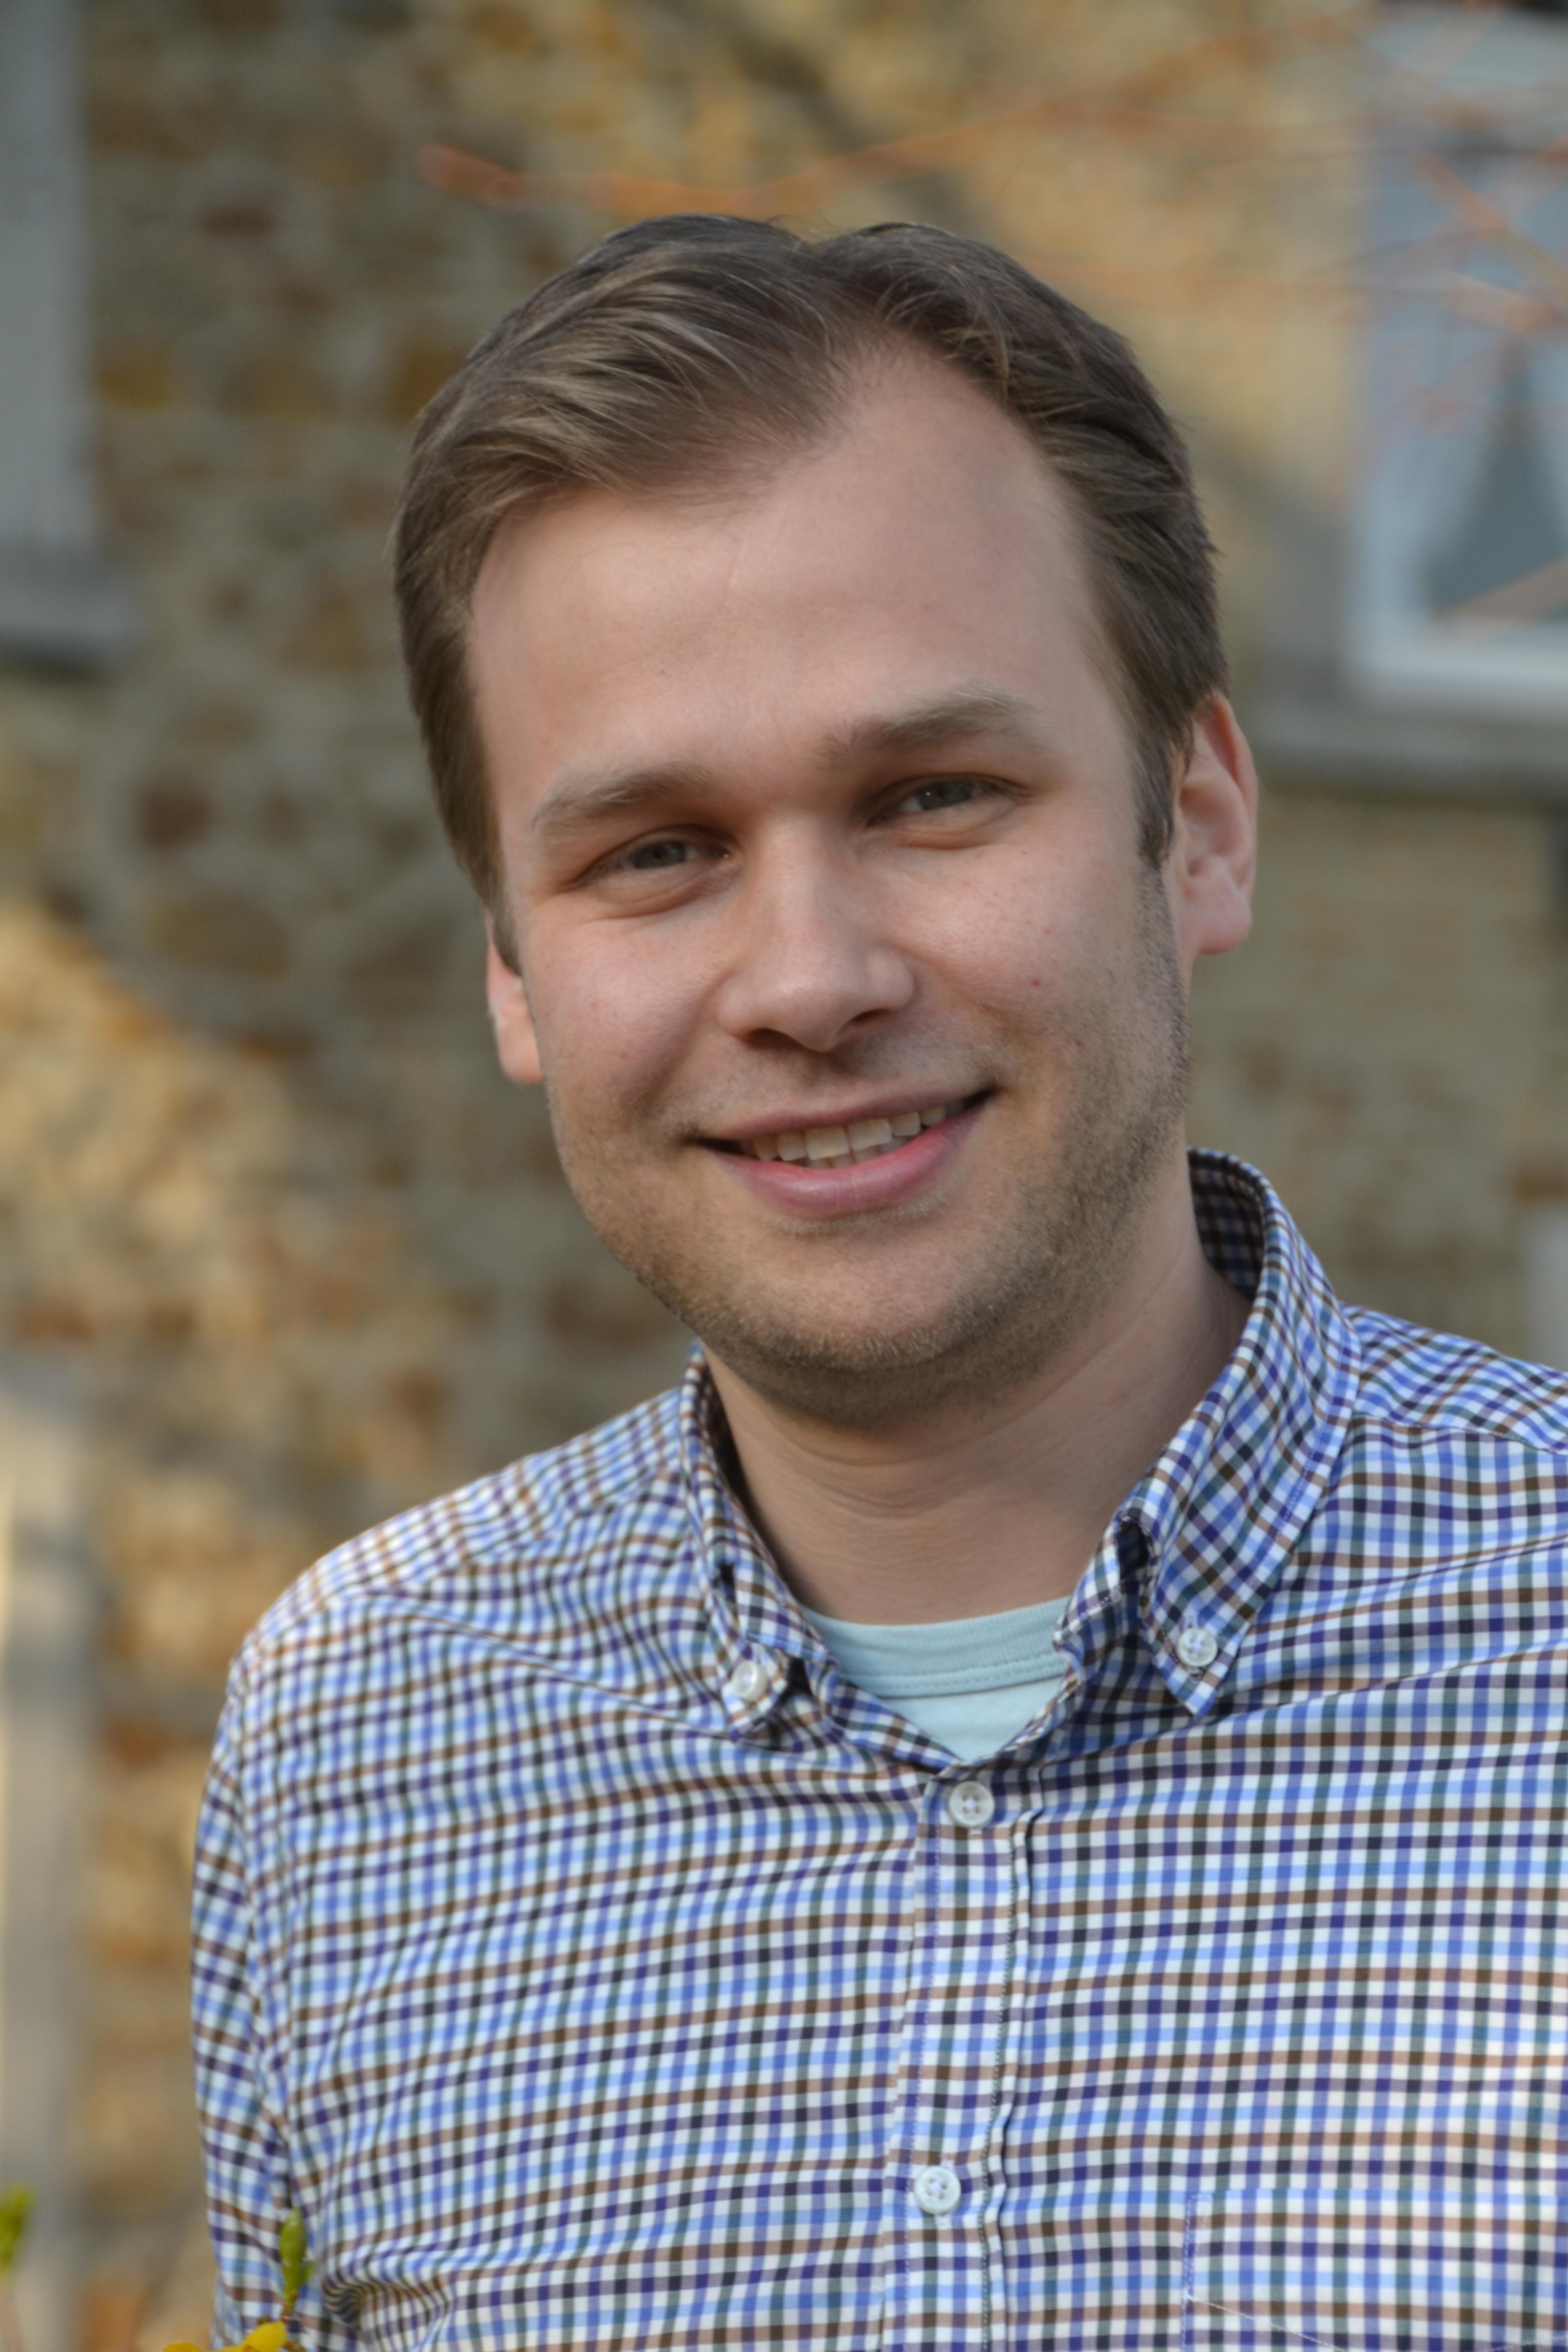 Robert Voigtsberger